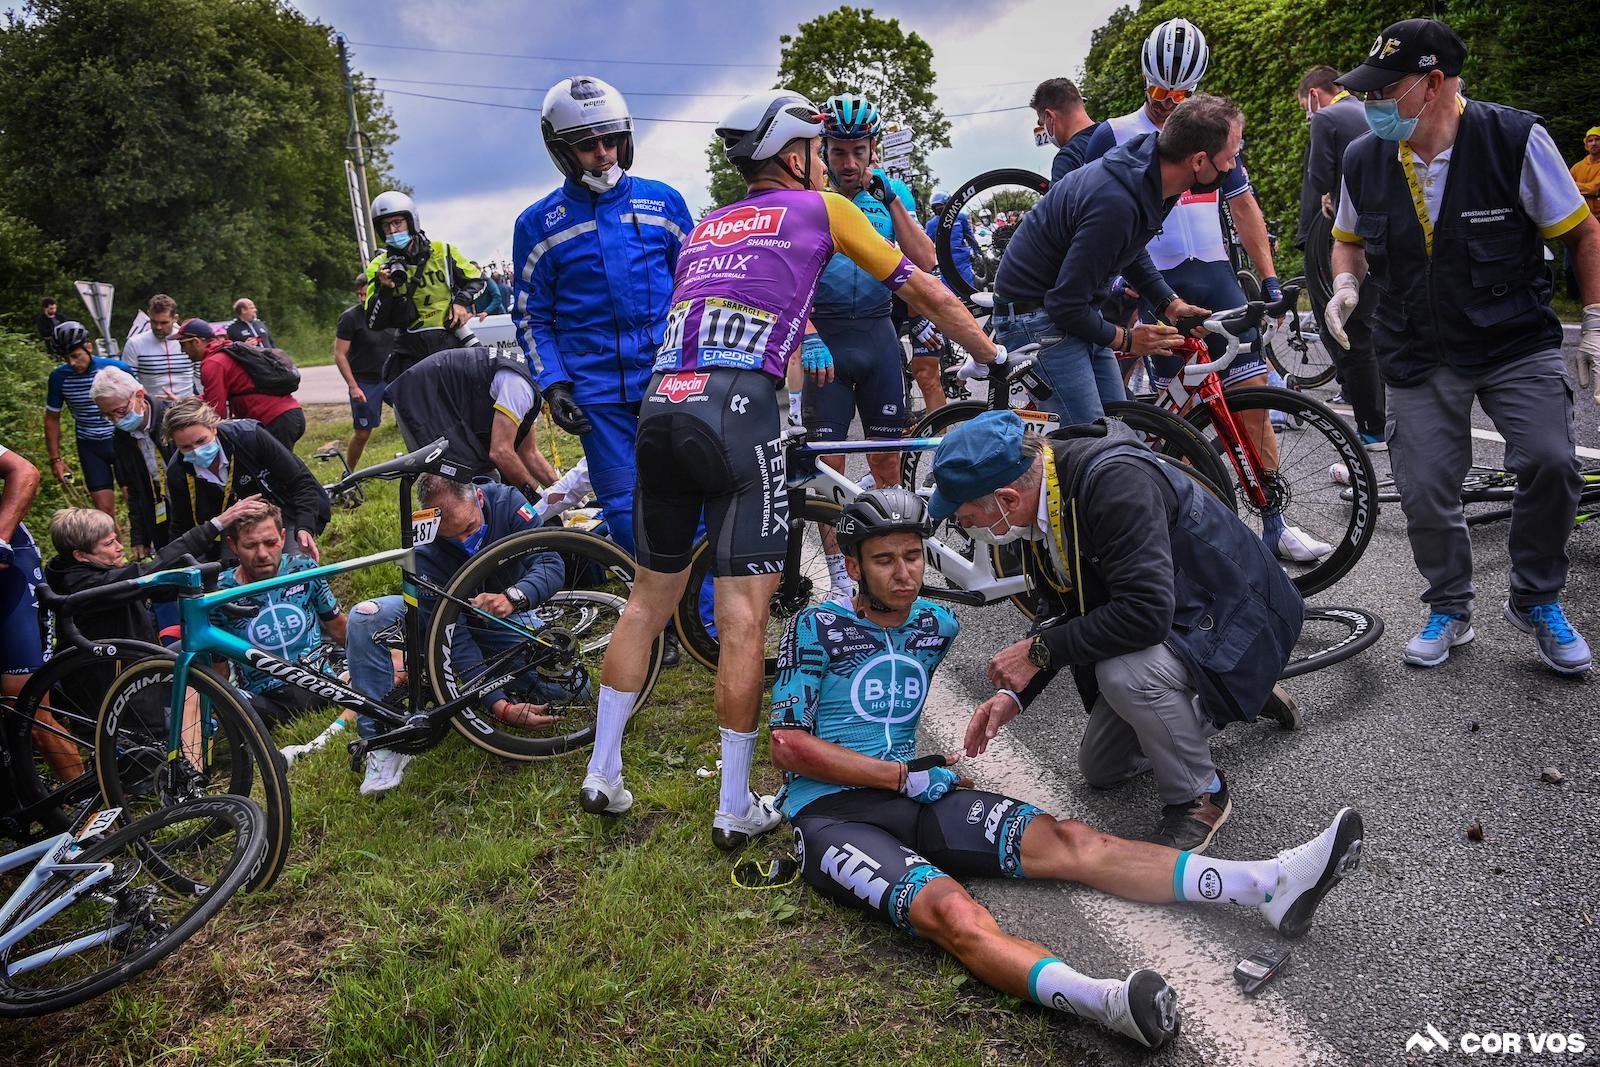 21 ryttere blev såret på etape 1 i Tour de France